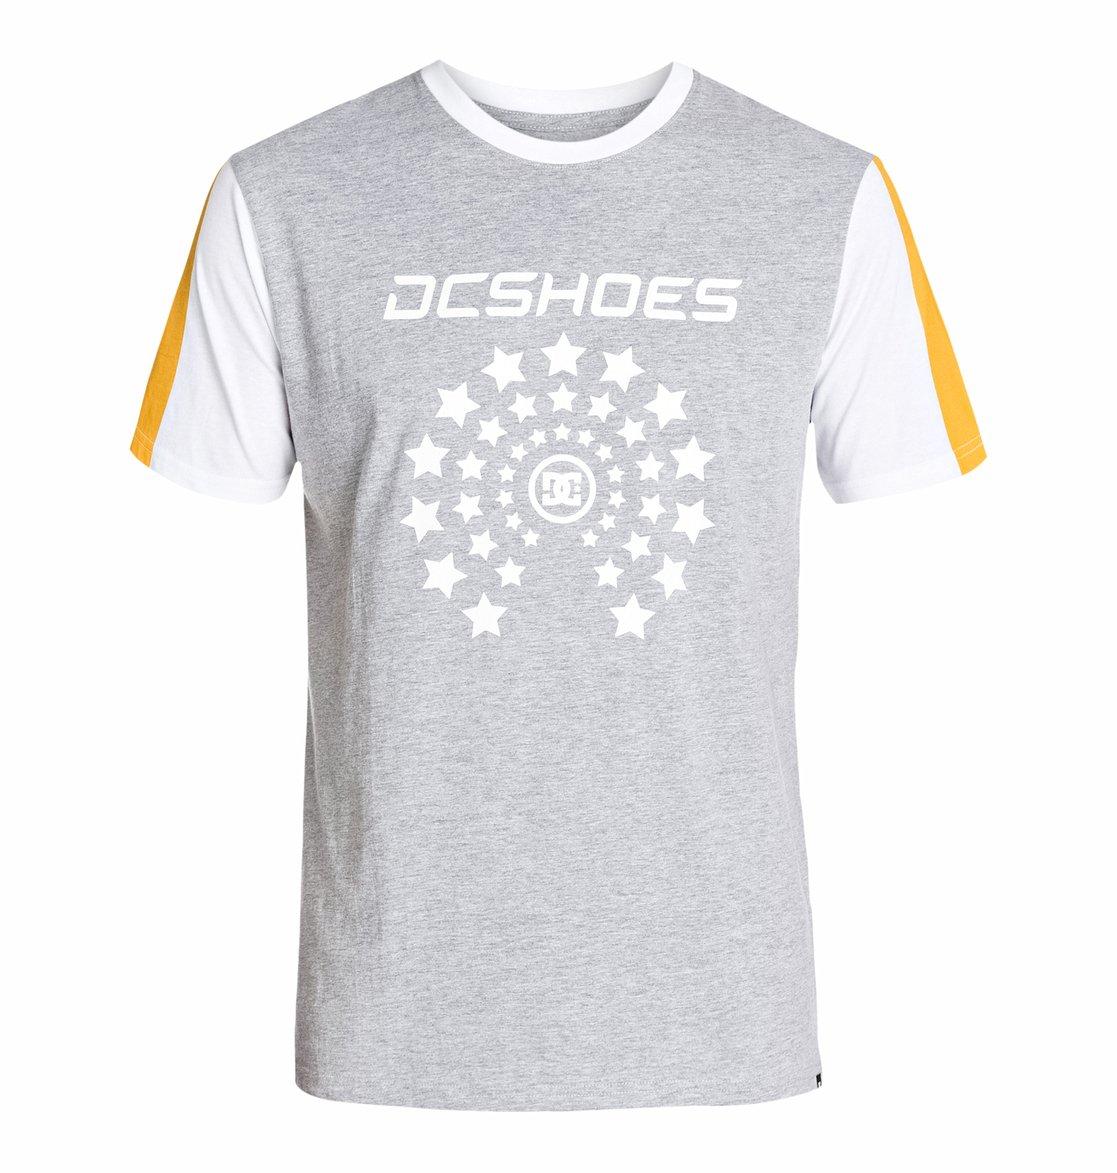 Zoomz Short SleeveМужская футболка с трафаретным принтом Zoomz SS от DC Shoes – новинка из коллекции Весна 2015. Характеристики: стандартный крой, принт на груди и рукавах по щадящей технологии нанесения графики Softhand Ink.<br>